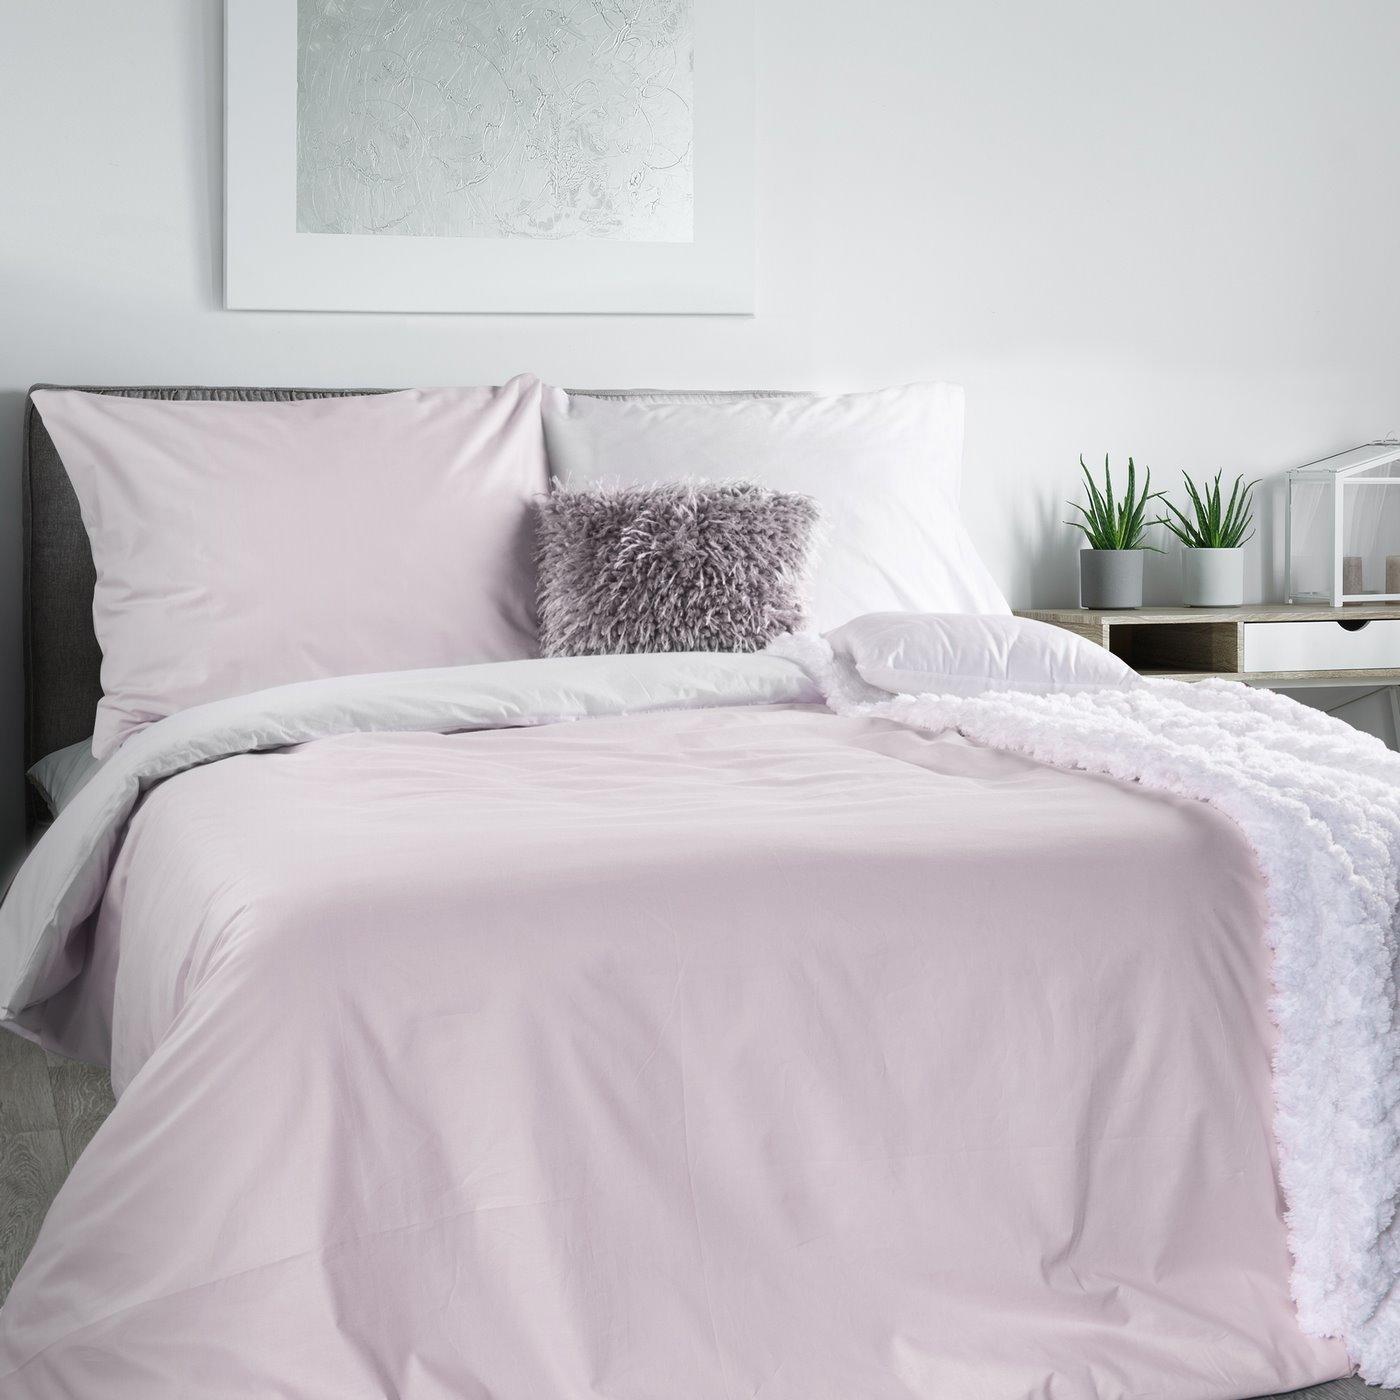 Komplet pościeli bawełnianej rozmiar: 160x200 cm, 2 szt. 70x80 cm dwustronny biało-różowy